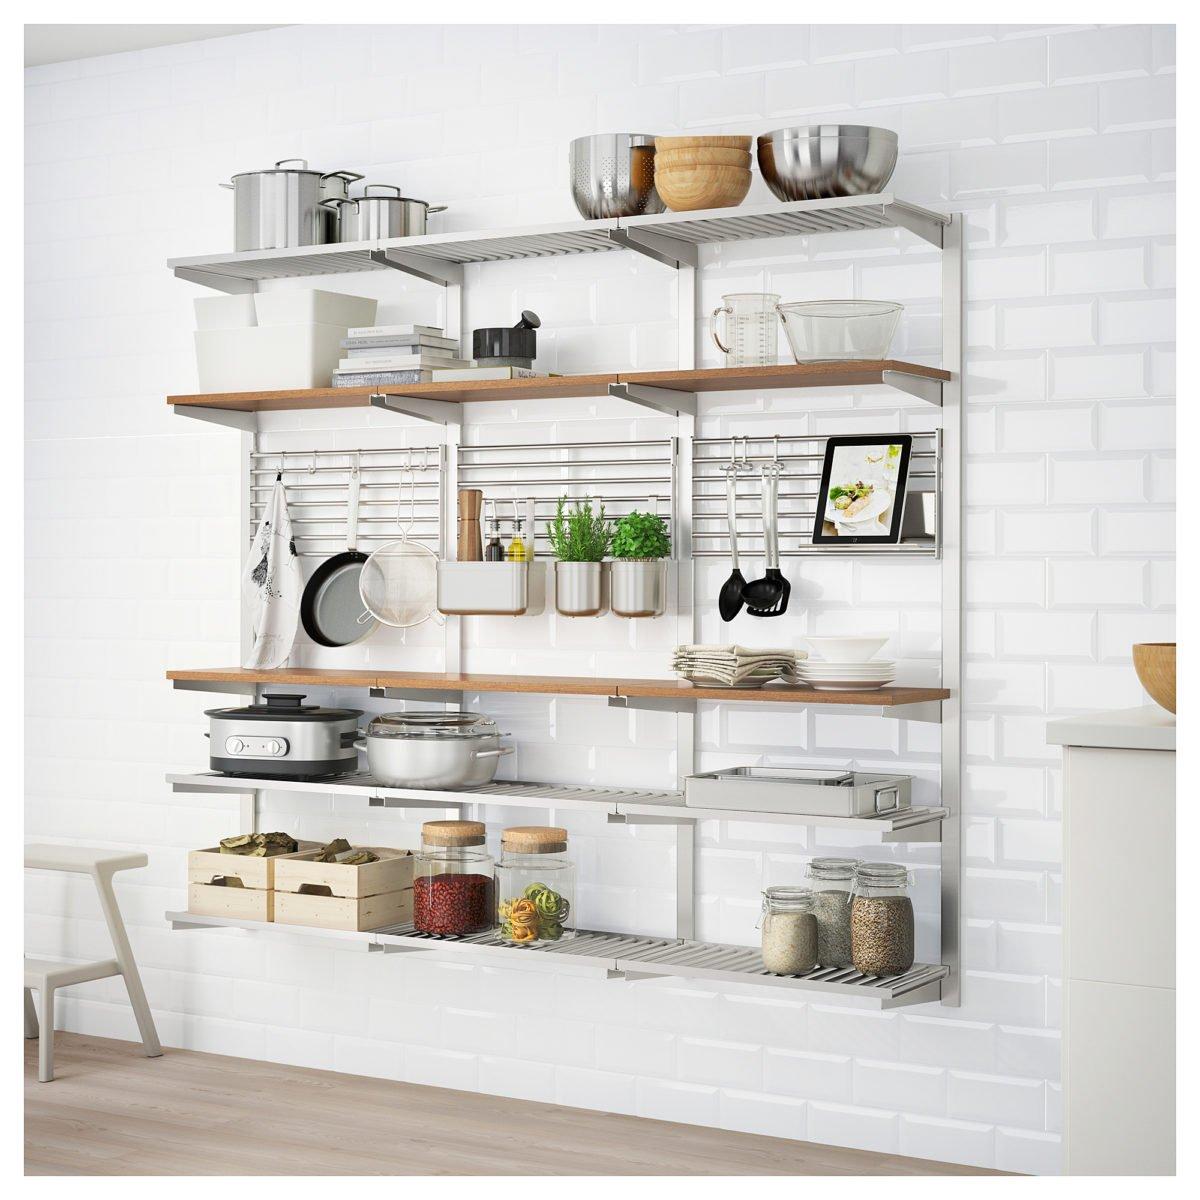 Colonna Dispensa Cucina Ikea catalogo cucine ikea 2019